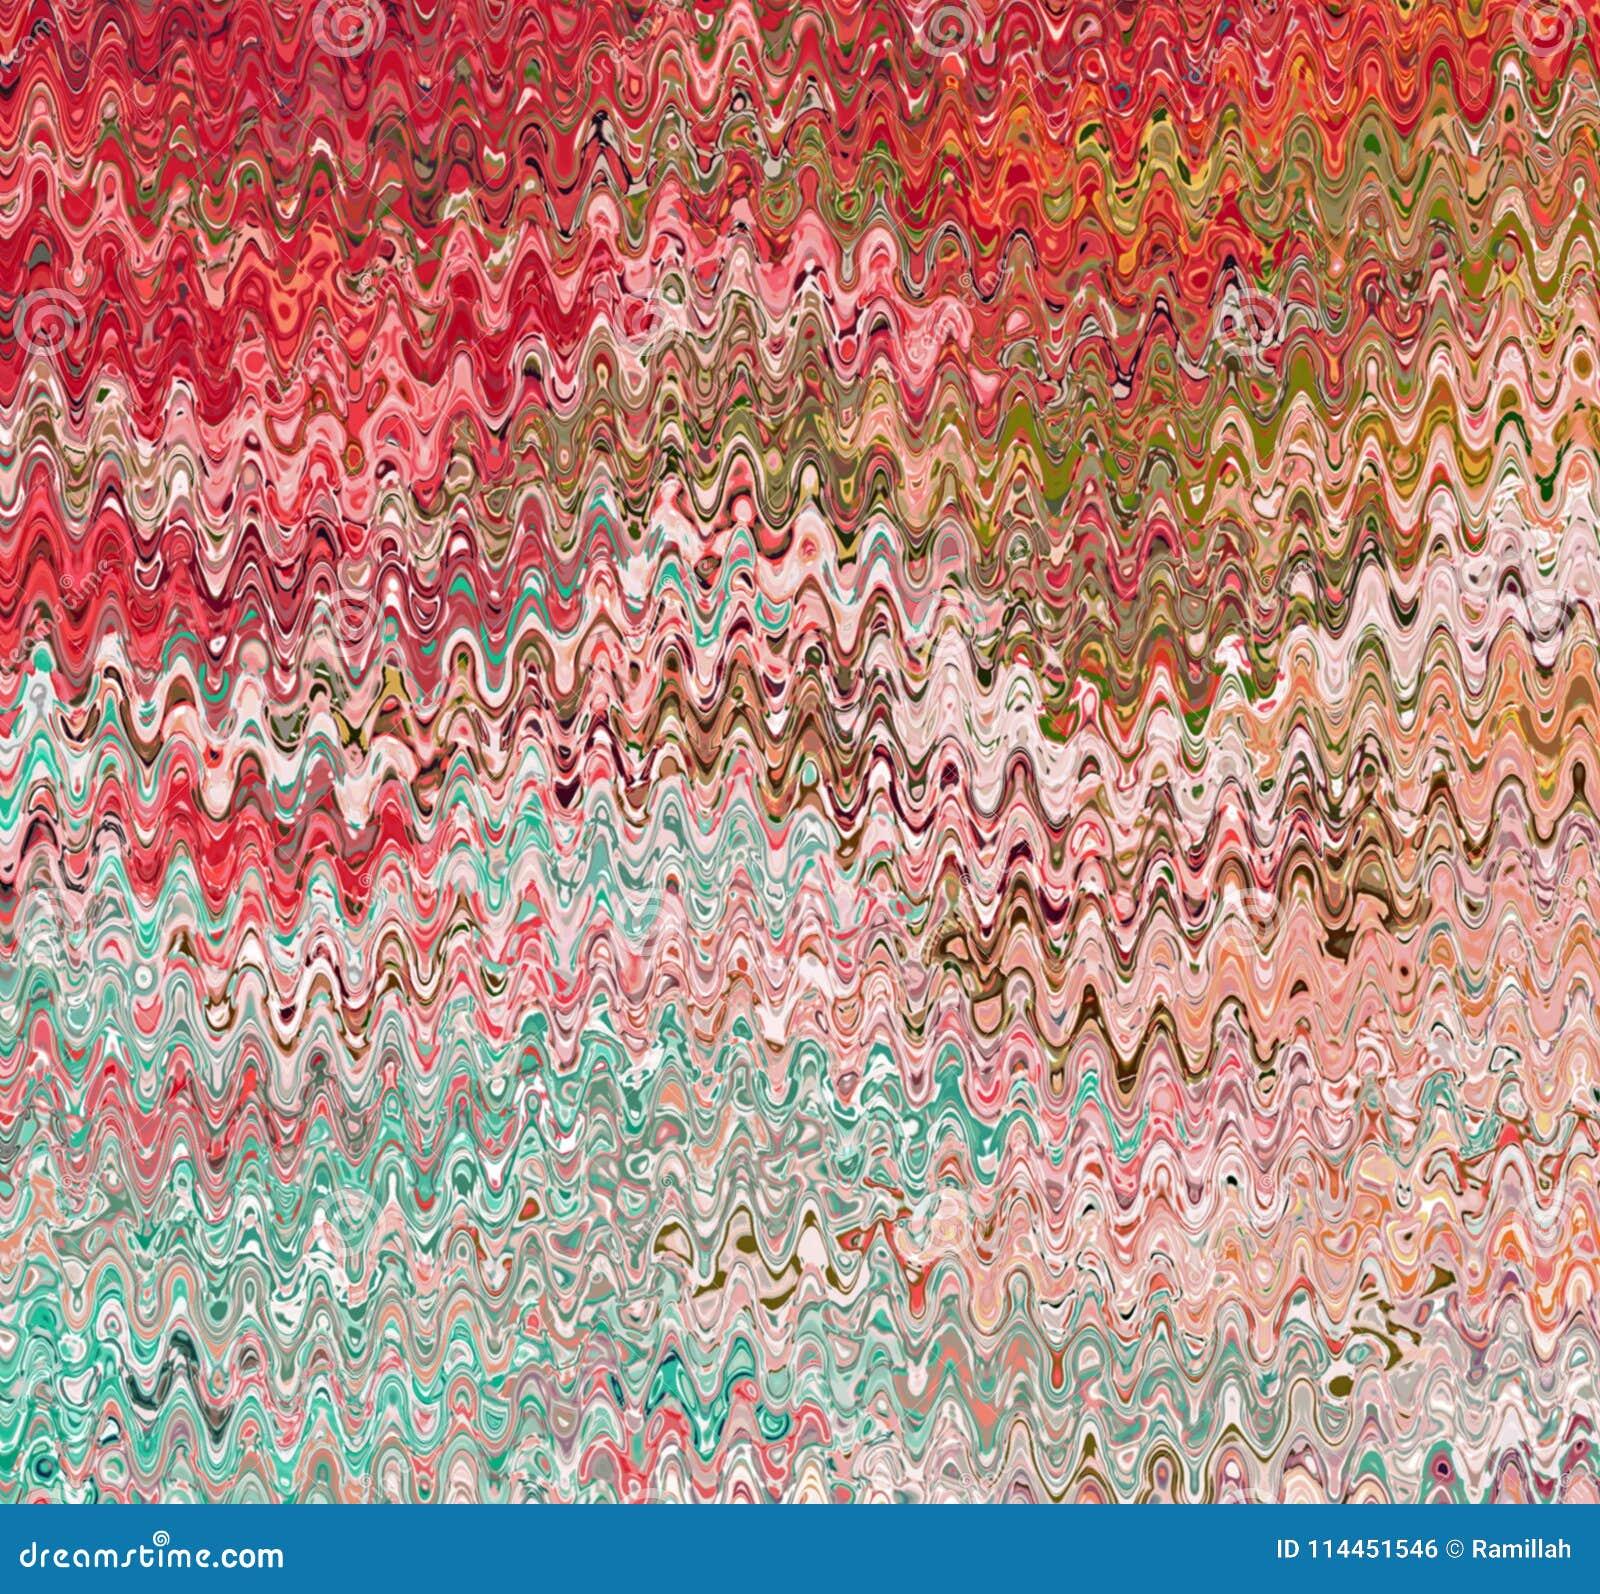 数字式绘画摘要水彩油漆混乱波浪背景